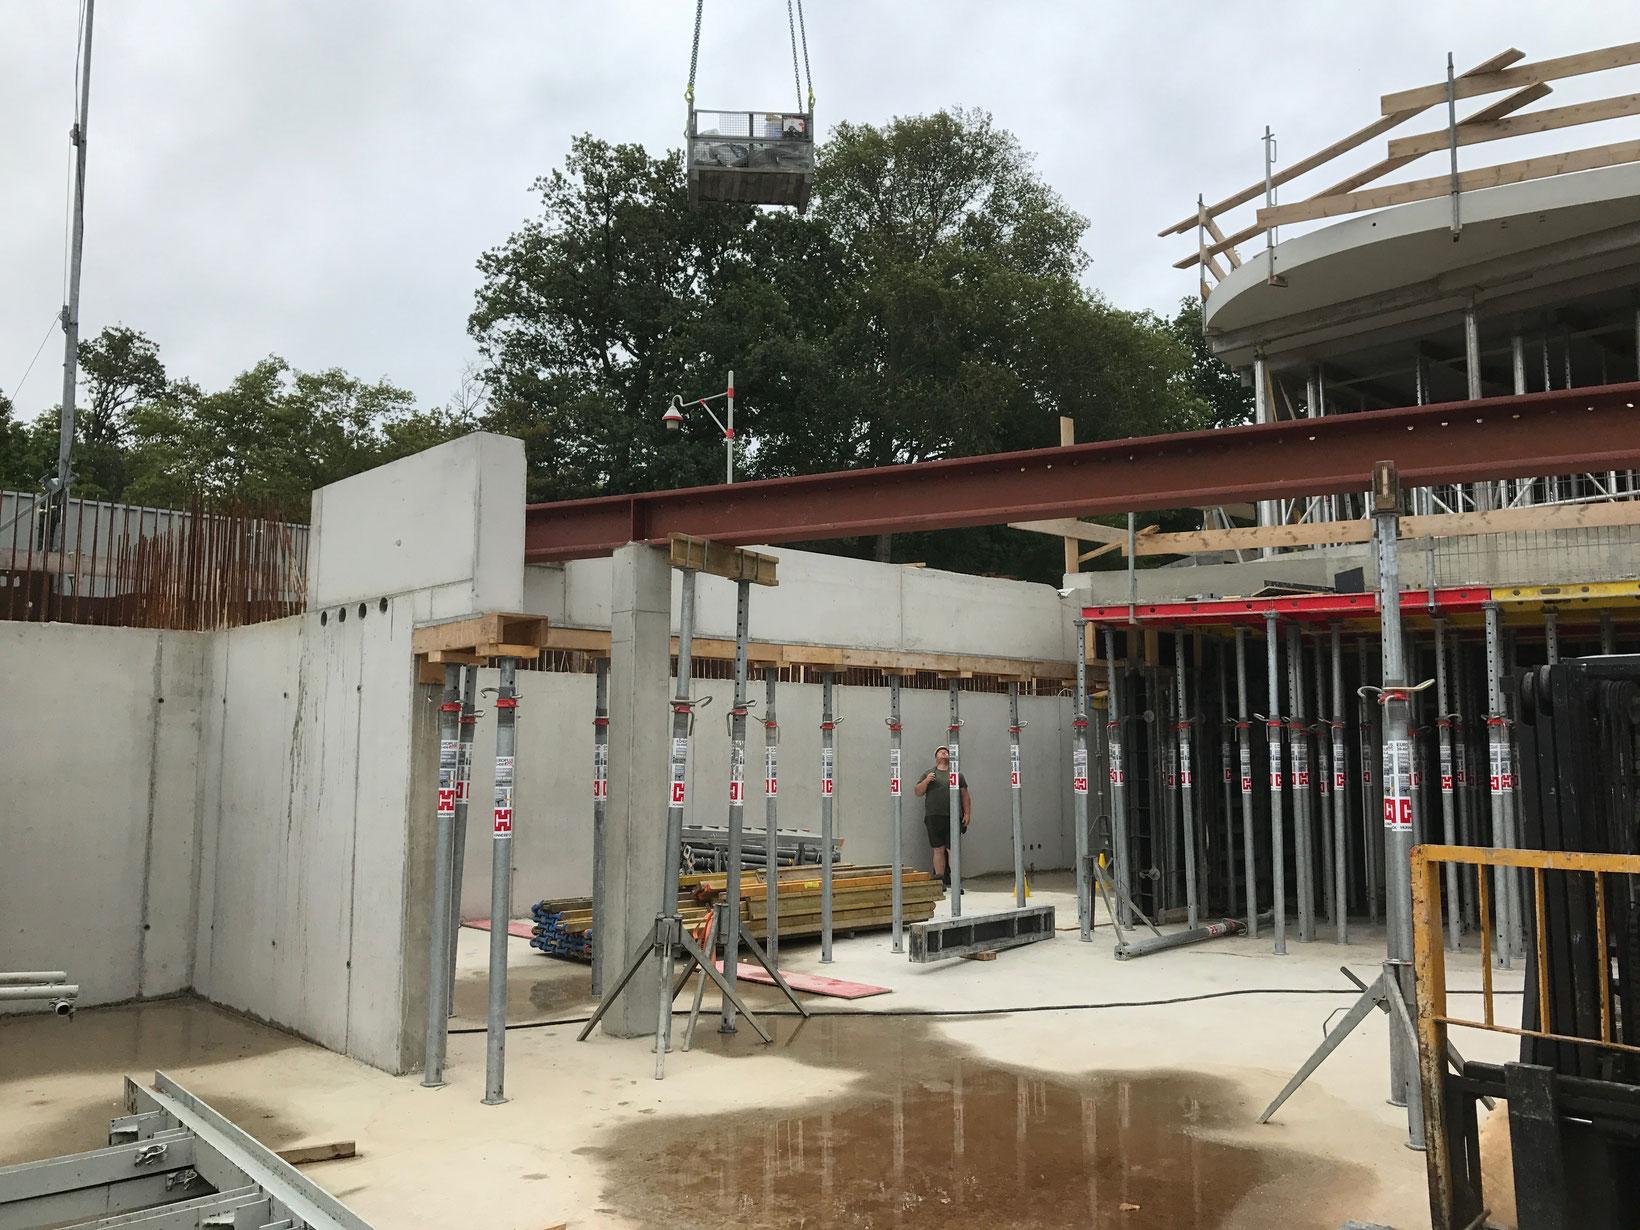 Veilig Hijsen, het aanslaan van lasten op de bouw